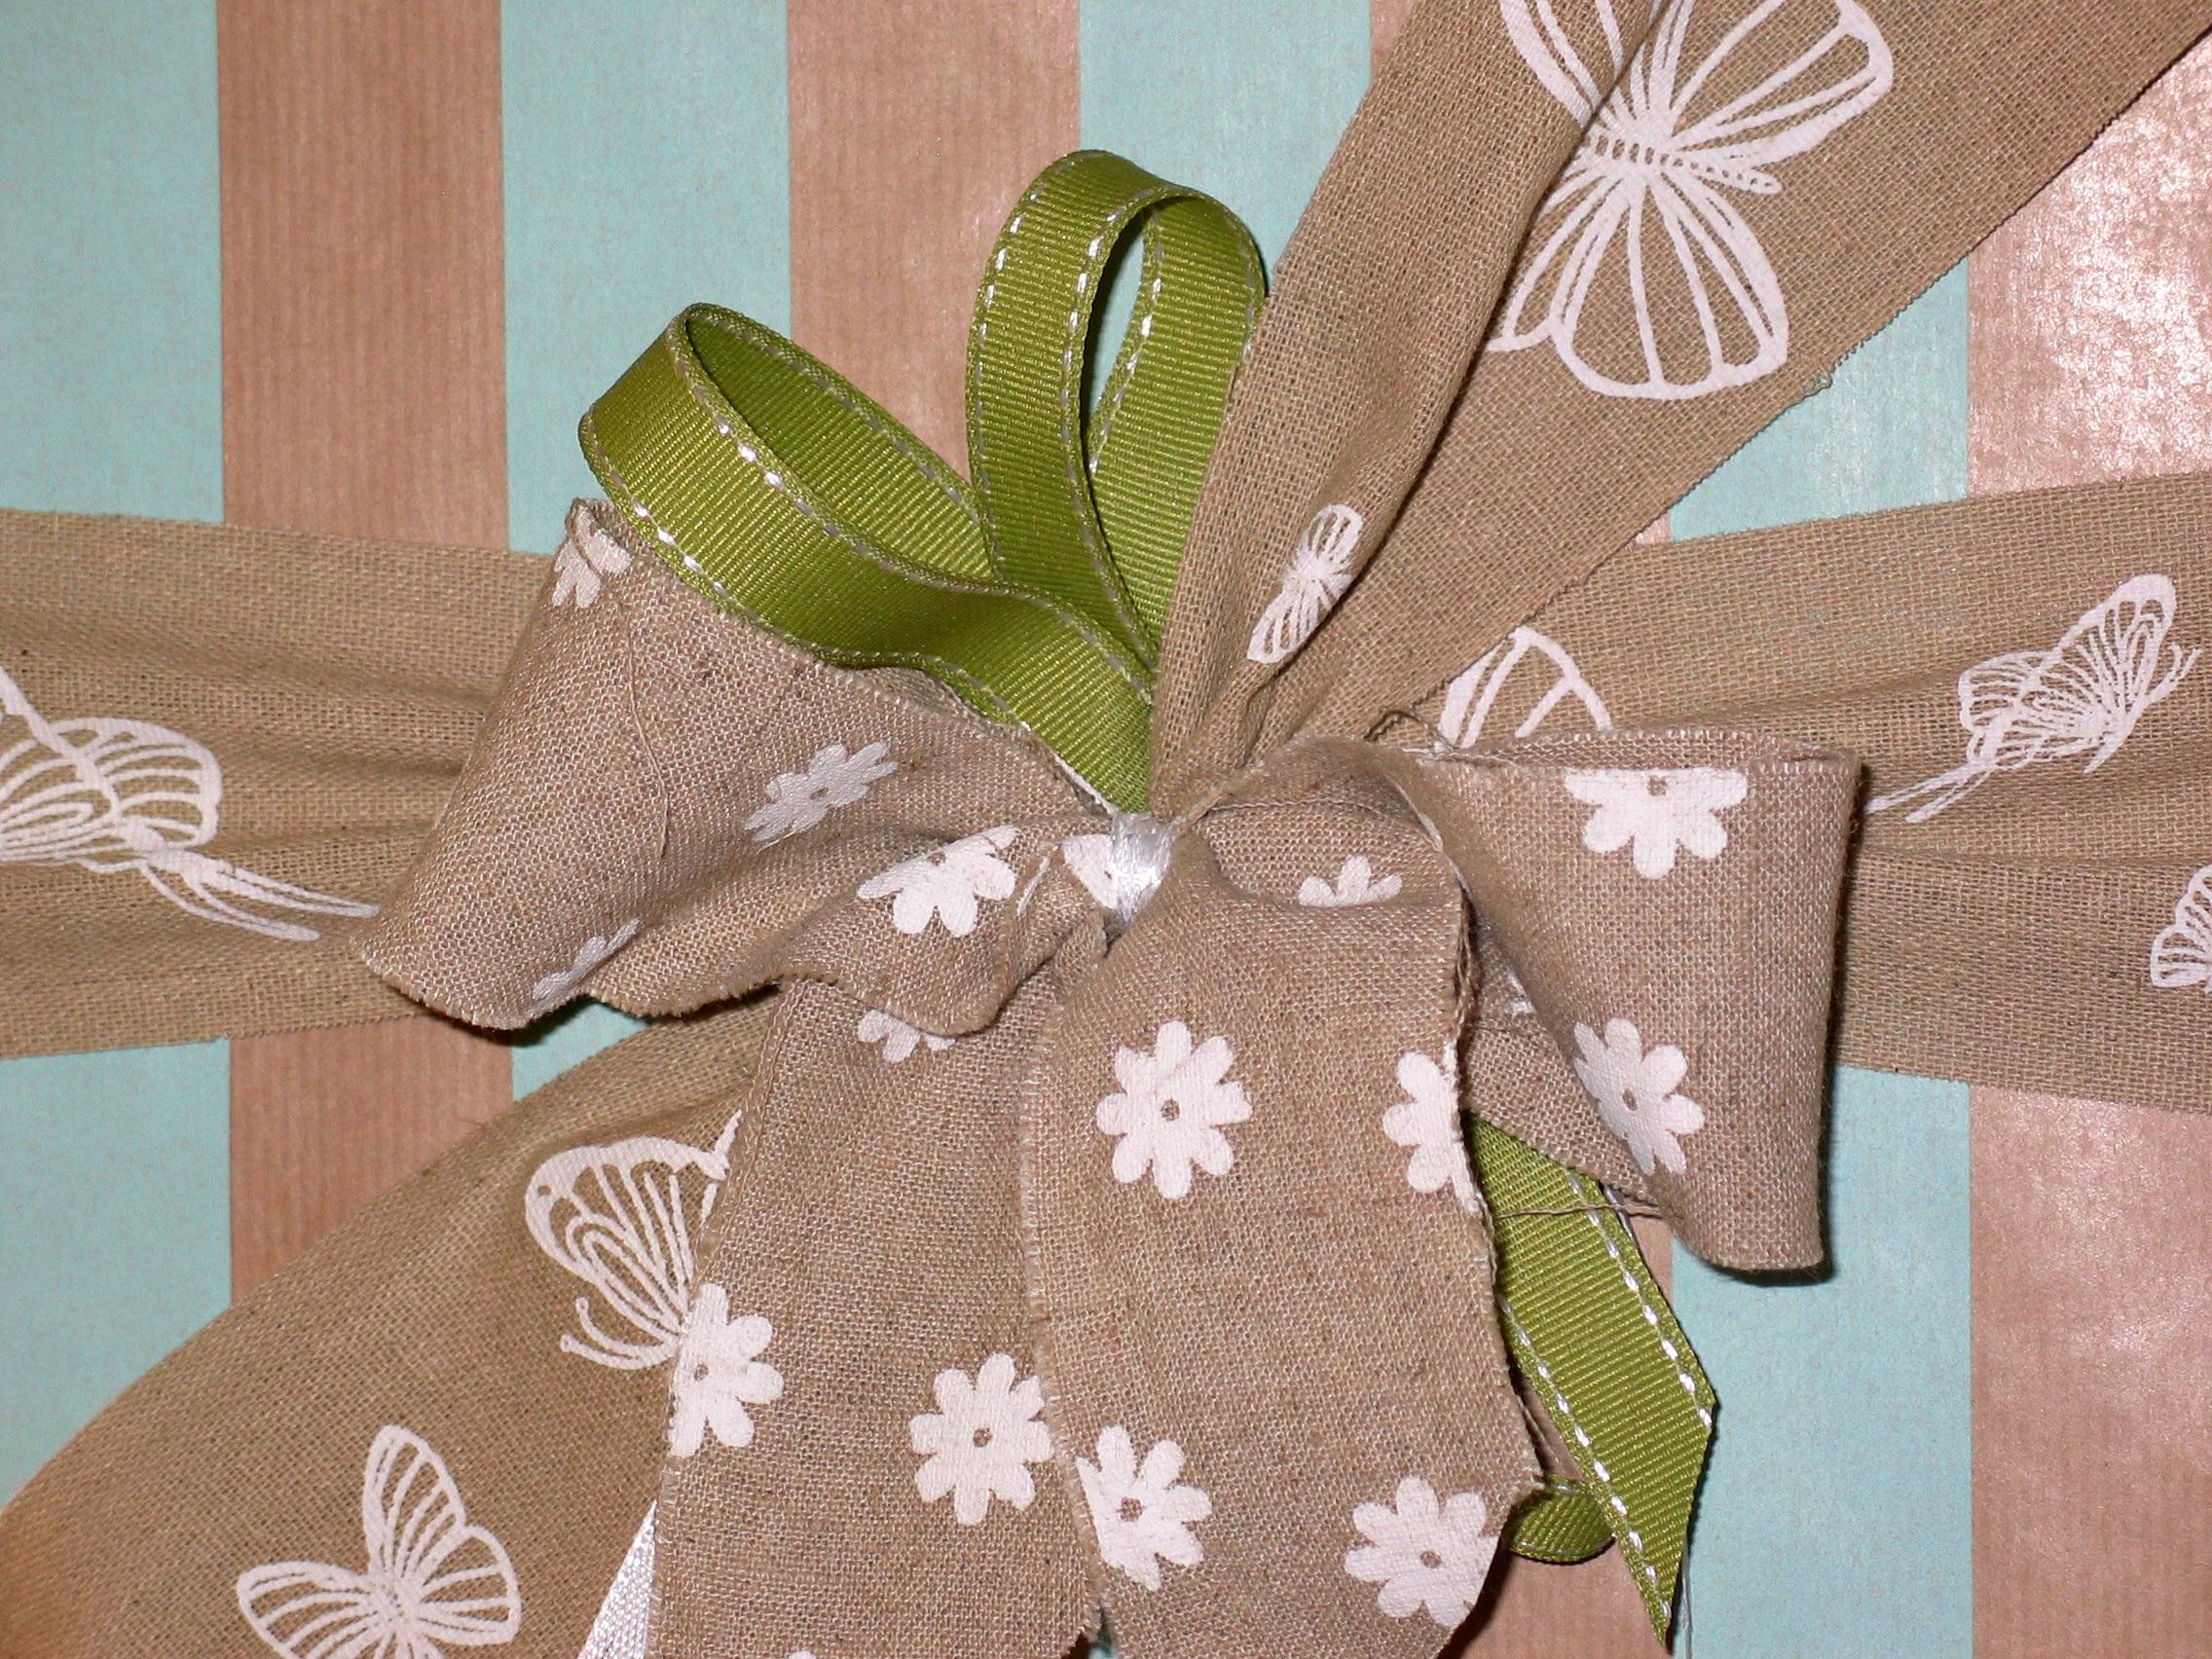 lyckönskningar födelsedag Bakgrundsbilder : blomma, firande, gåva, dekoration, mönster, grön  lyckönskningar födelsedag